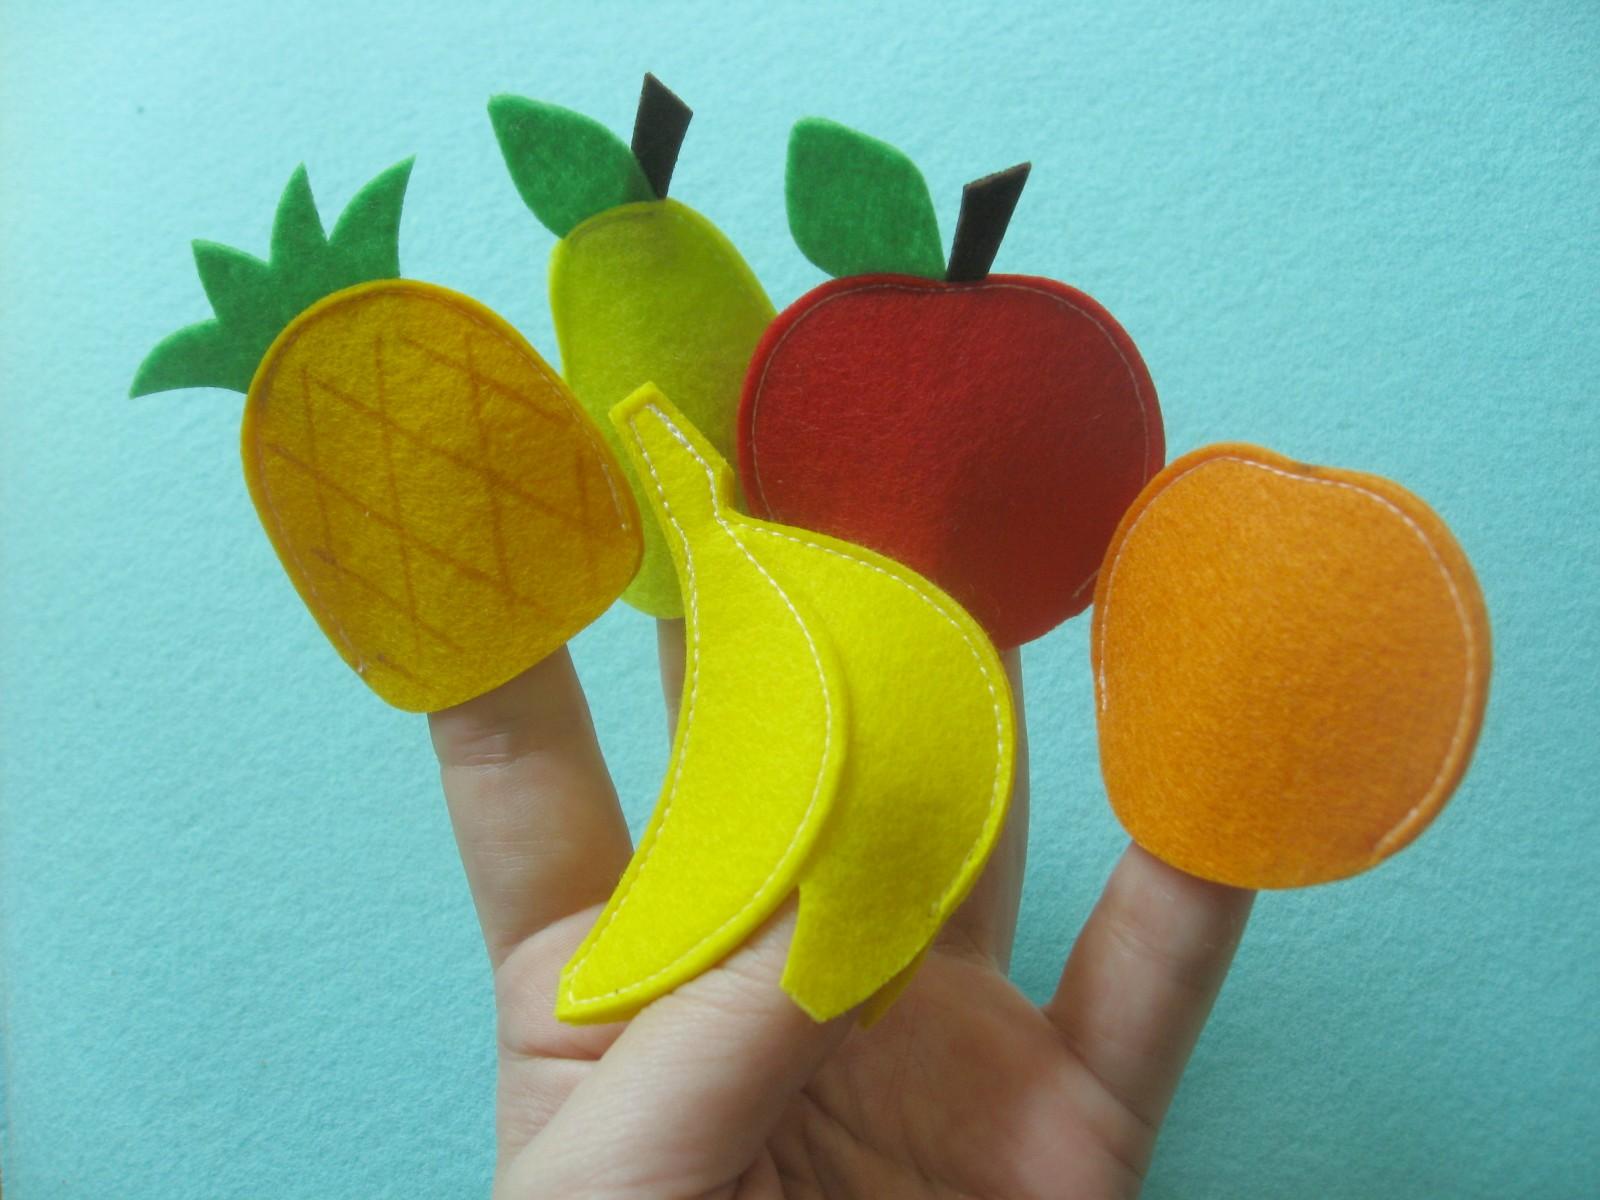 овощи фрукты пальчиковые игрушки из фетра выкройки